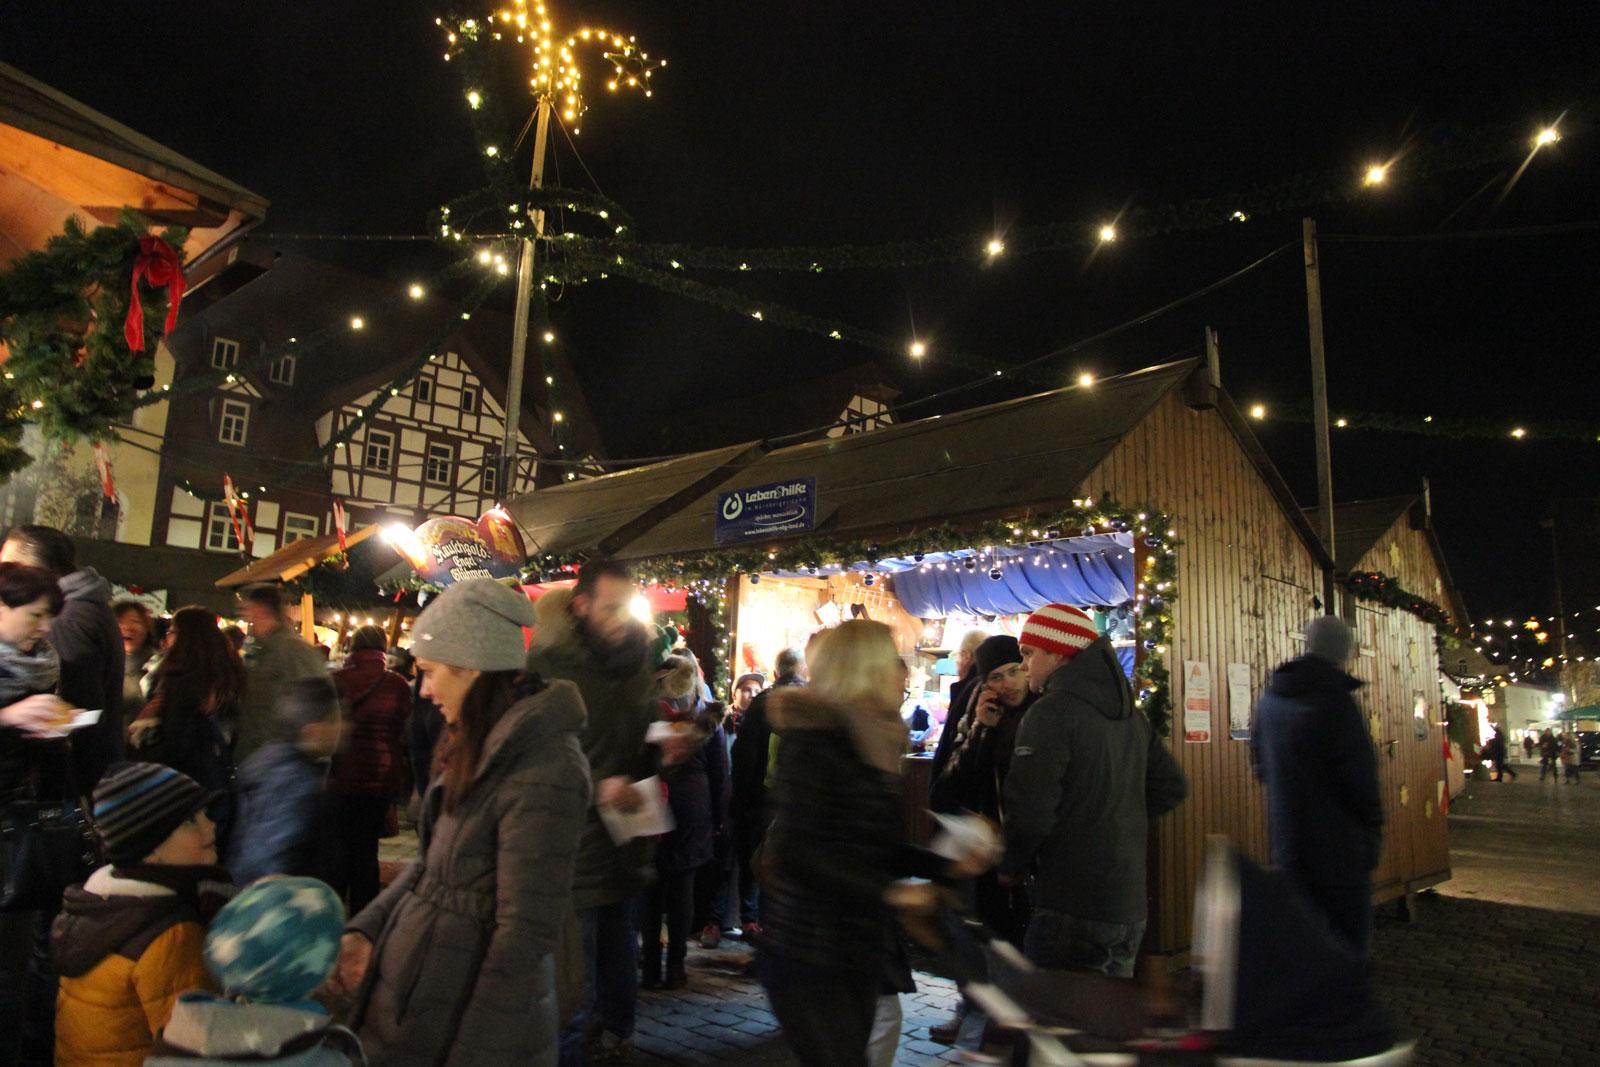 Weihnachtsmarkt-Termine 2016. Unsere